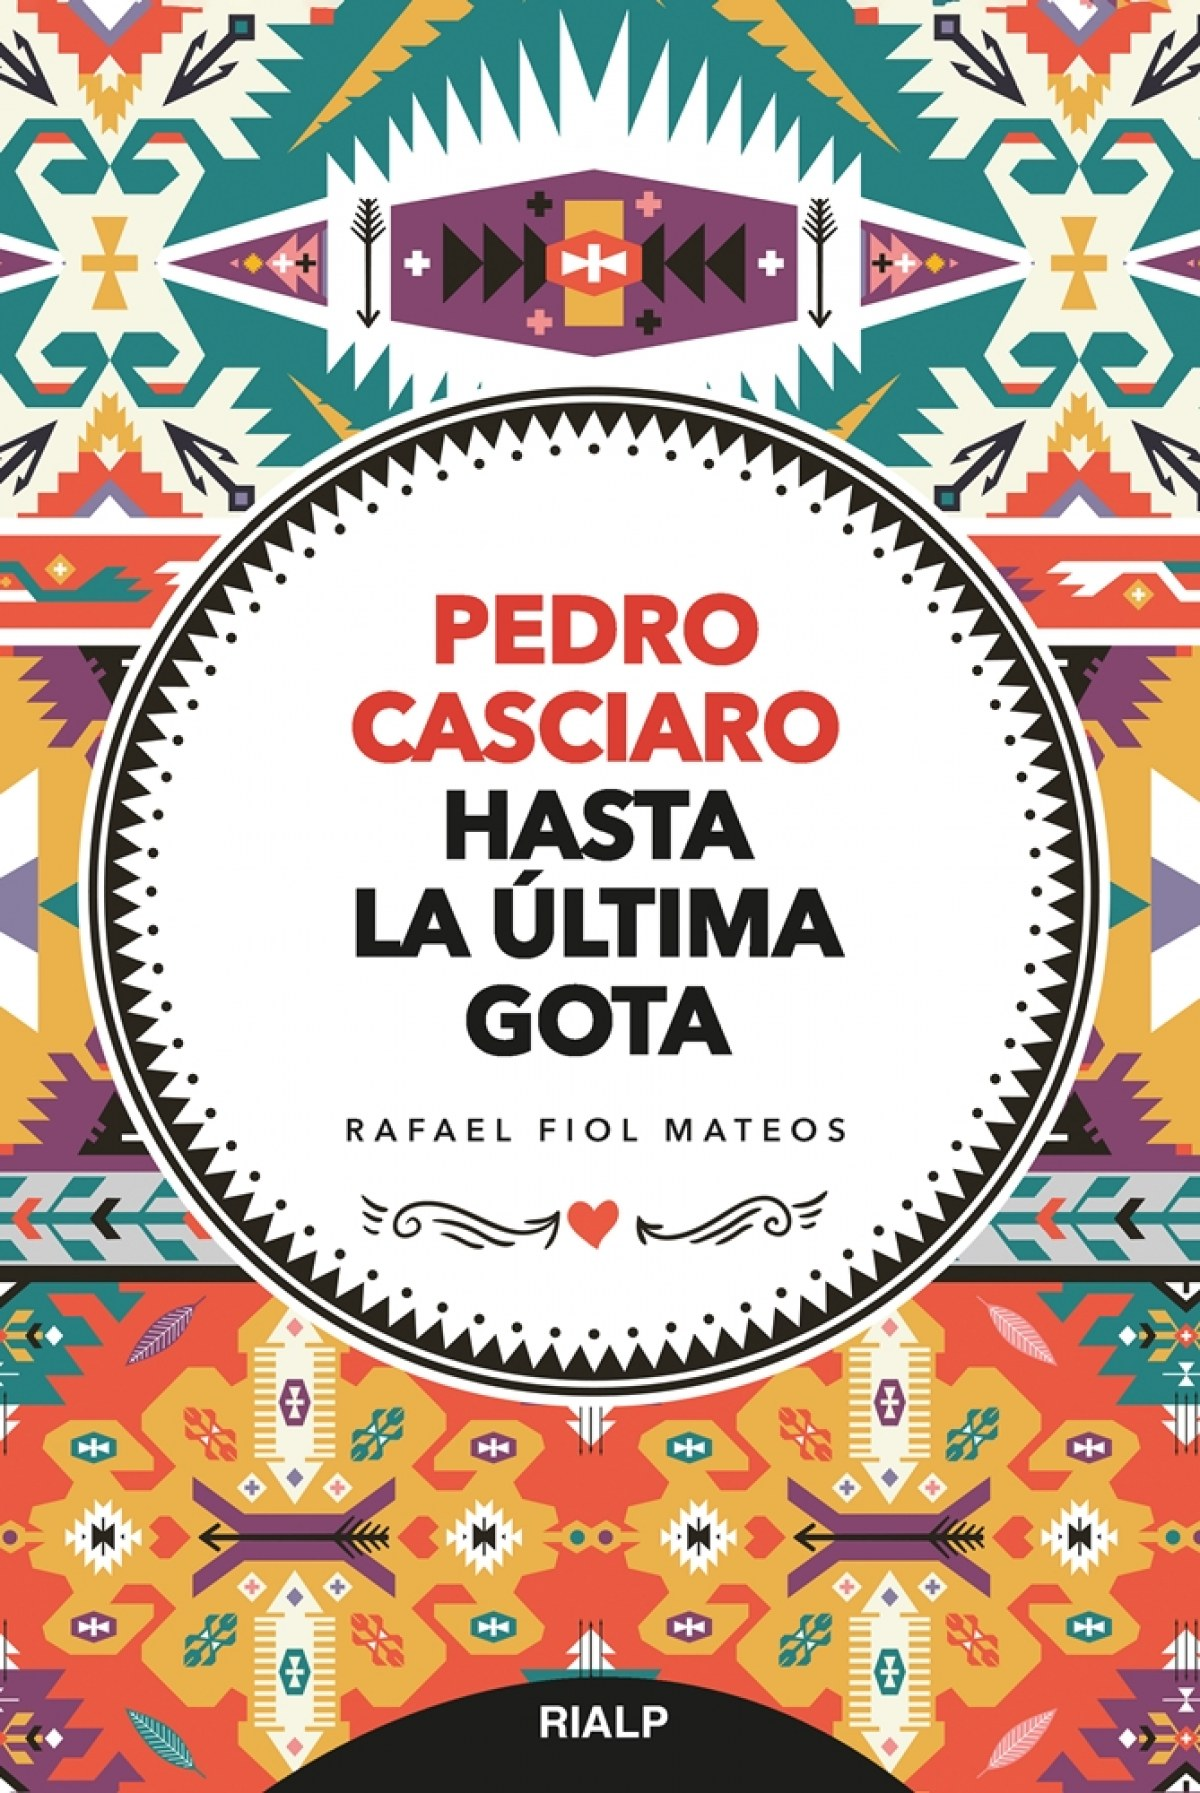 Pedro Casciaro